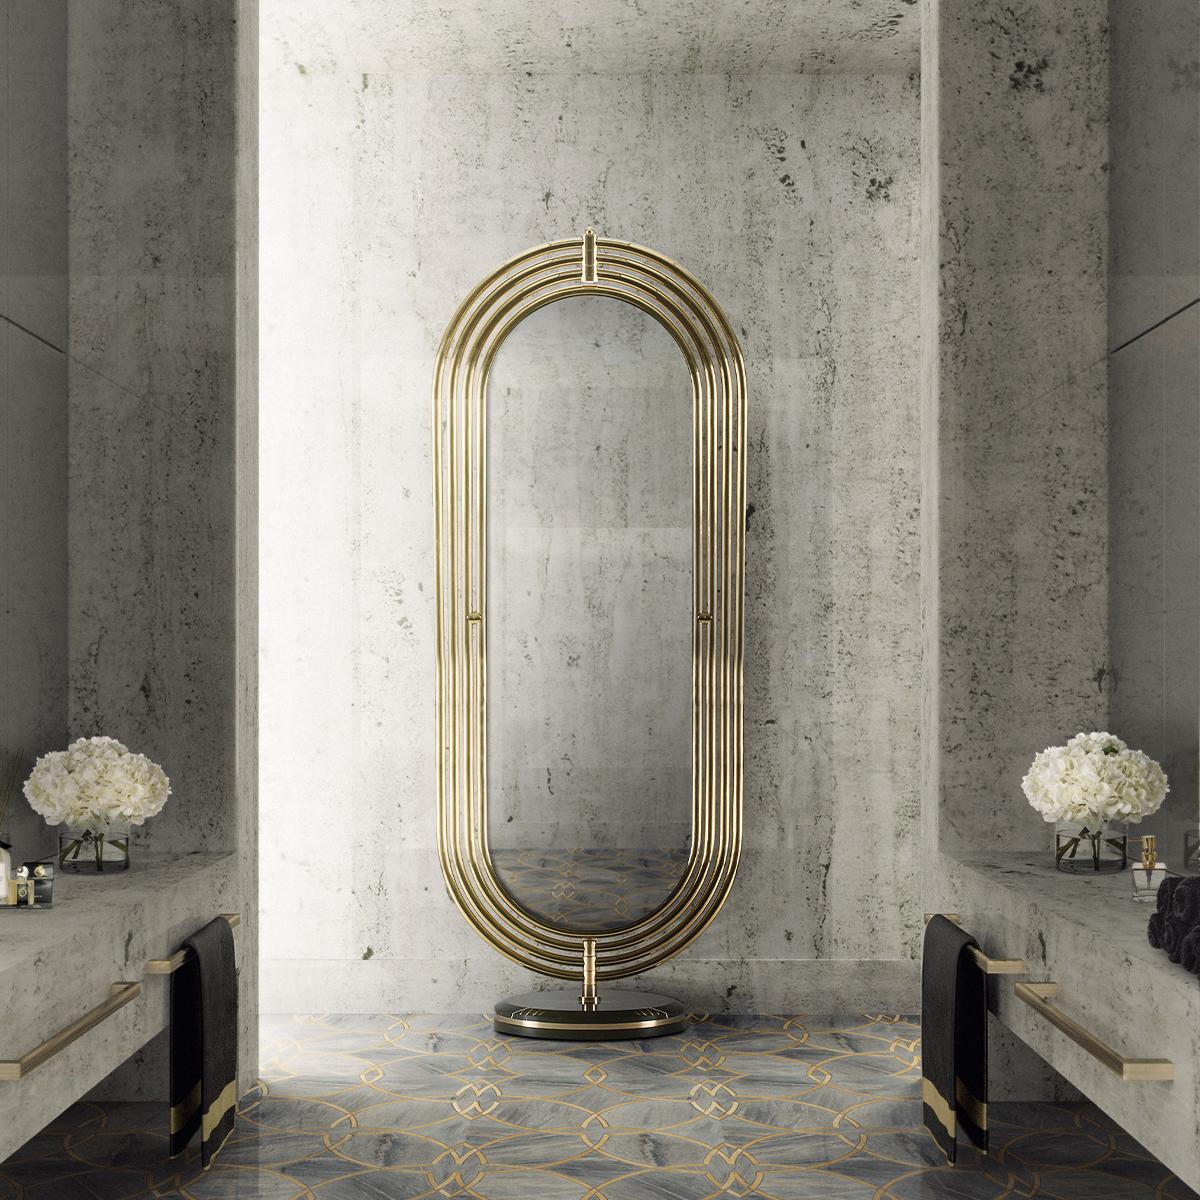 Espejos excluisvos: Piezas elegantes y lujuosas para un proyecto perfecto espejos exclusivos Espejos exclusivos: Piezas elegantes y lujuosas para un proyecto perfecto 22 colosseum floor mirror maison valentina HR